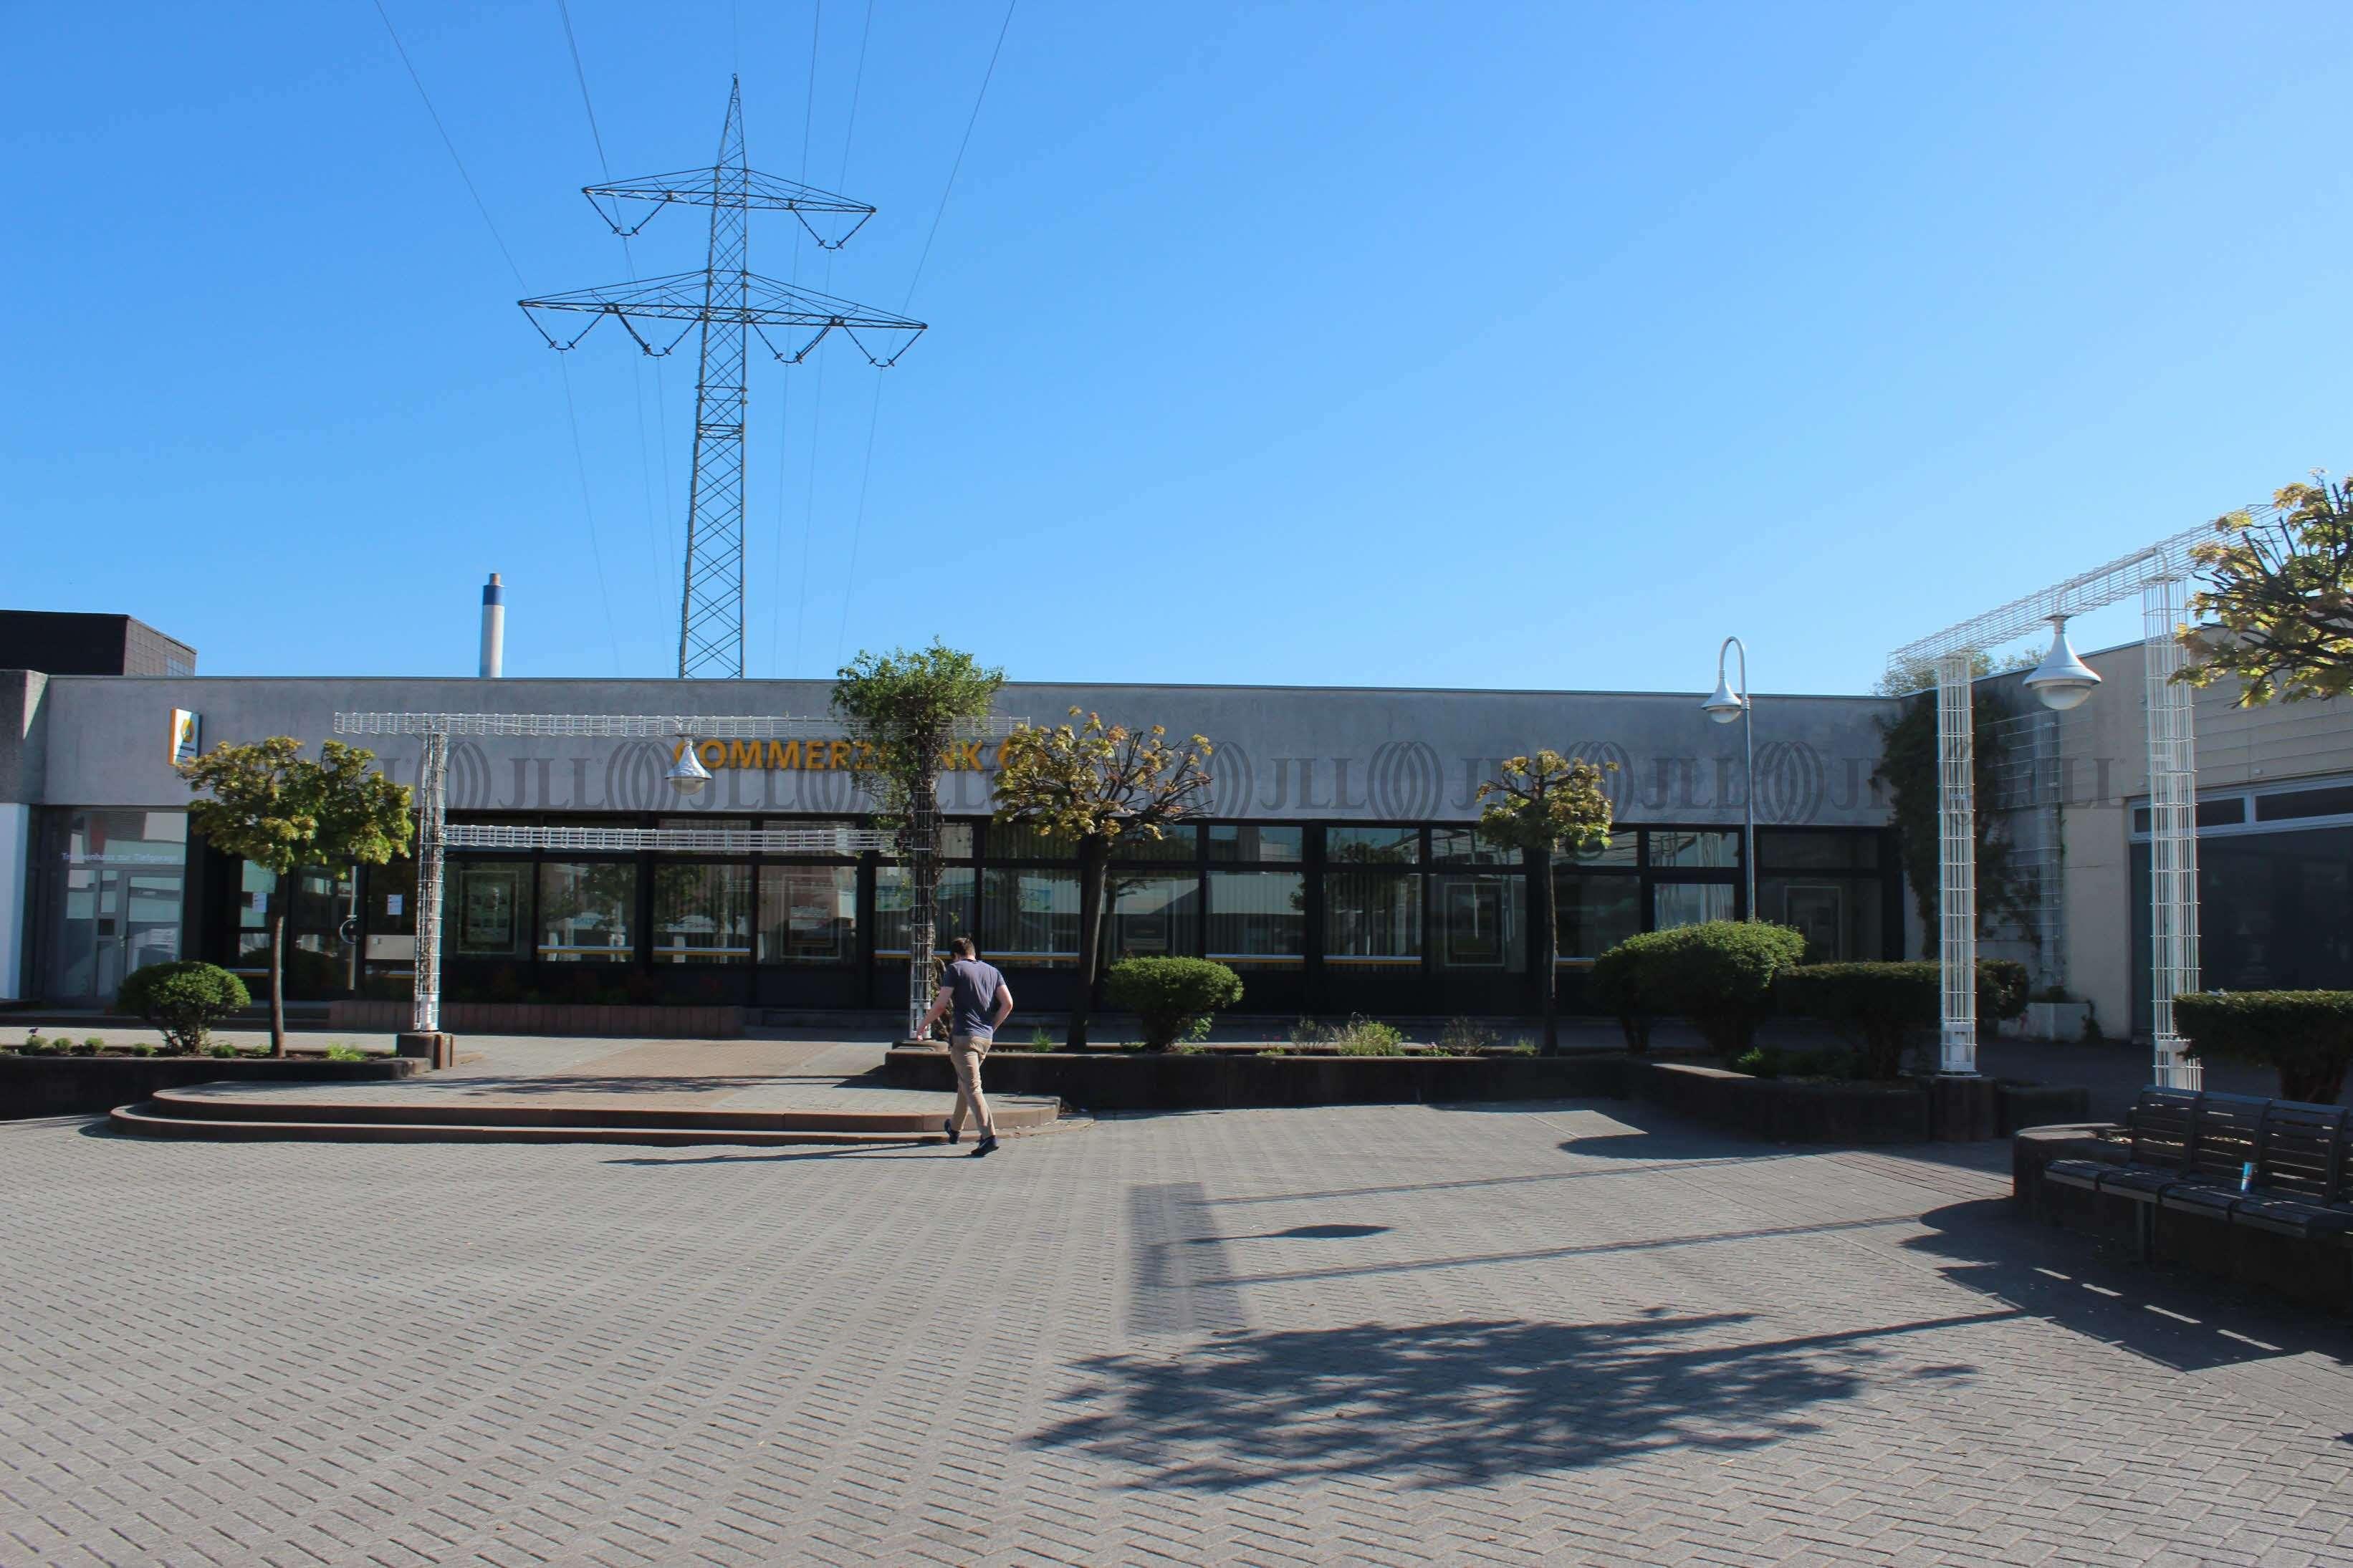 Ladenflächen Schwalbach am taunus, 65824 - Ladenfläche - Schwalbach am Taunus, Zentrum - E0792 - 9586104